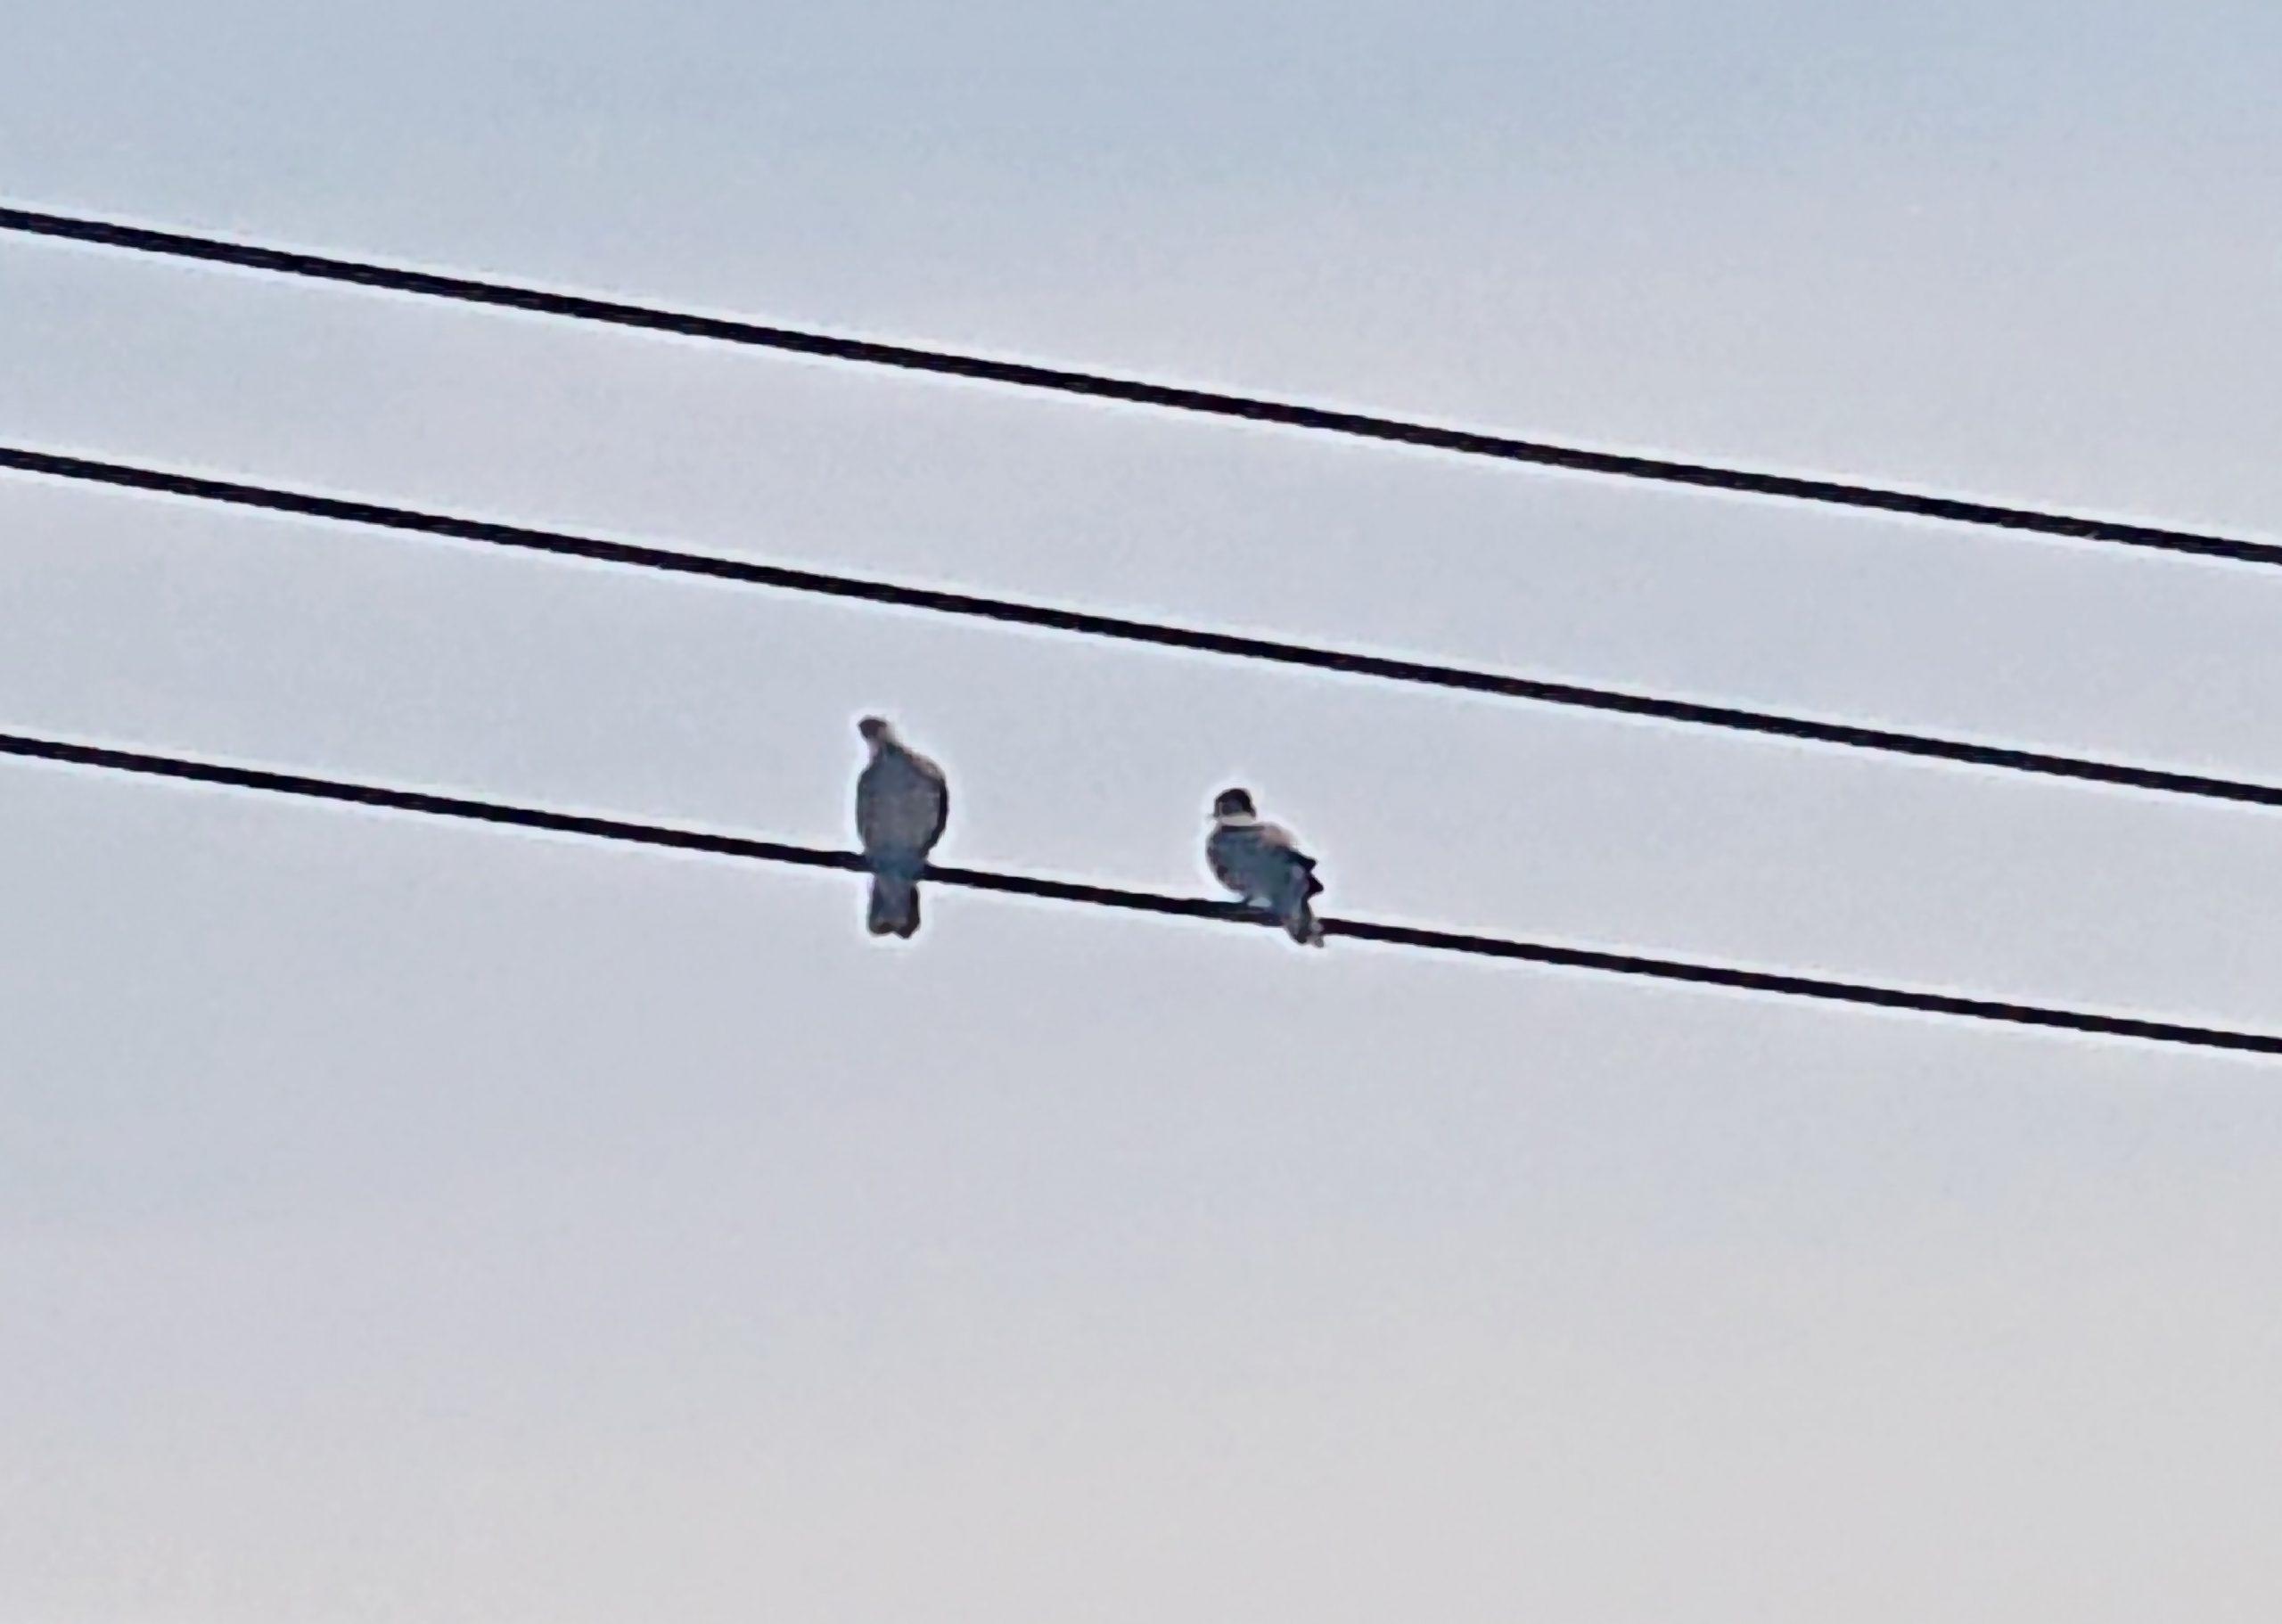 二羽のハト!